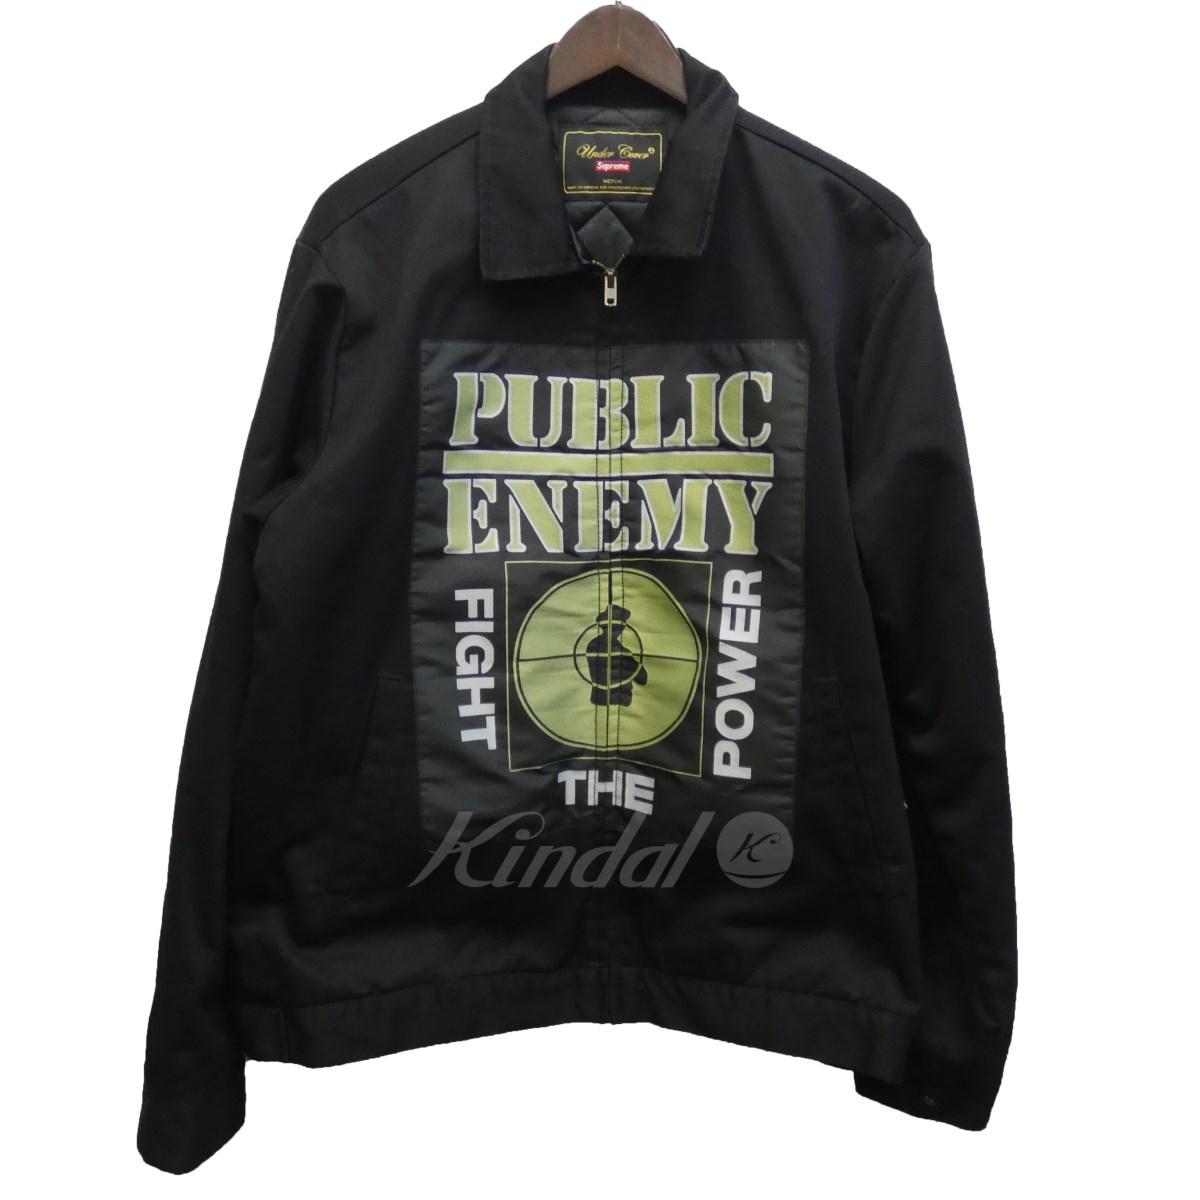 【中古】SUPREME × UNDERCOVER 18SS「Public Enemy Work Jacket」パブリックエネミーワークジャケット ブラック サイズ:M 【送料無料】 【051018】(シュプリーム アンダーカバー)